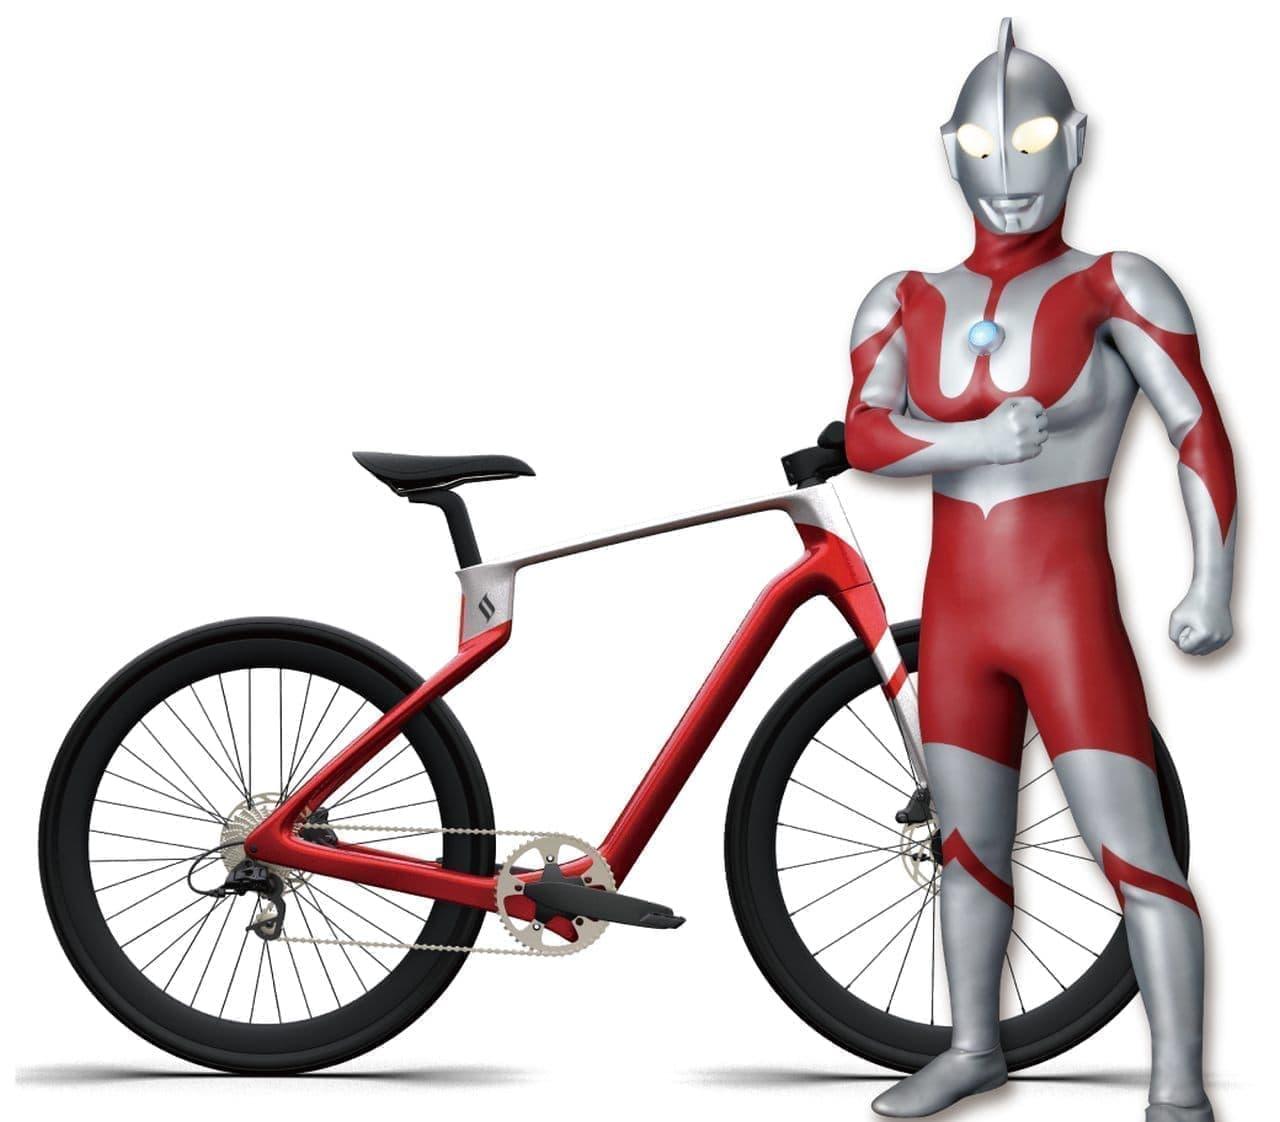 ウルトラマンデザイン自転車「Superstrata Ultraman edition」7